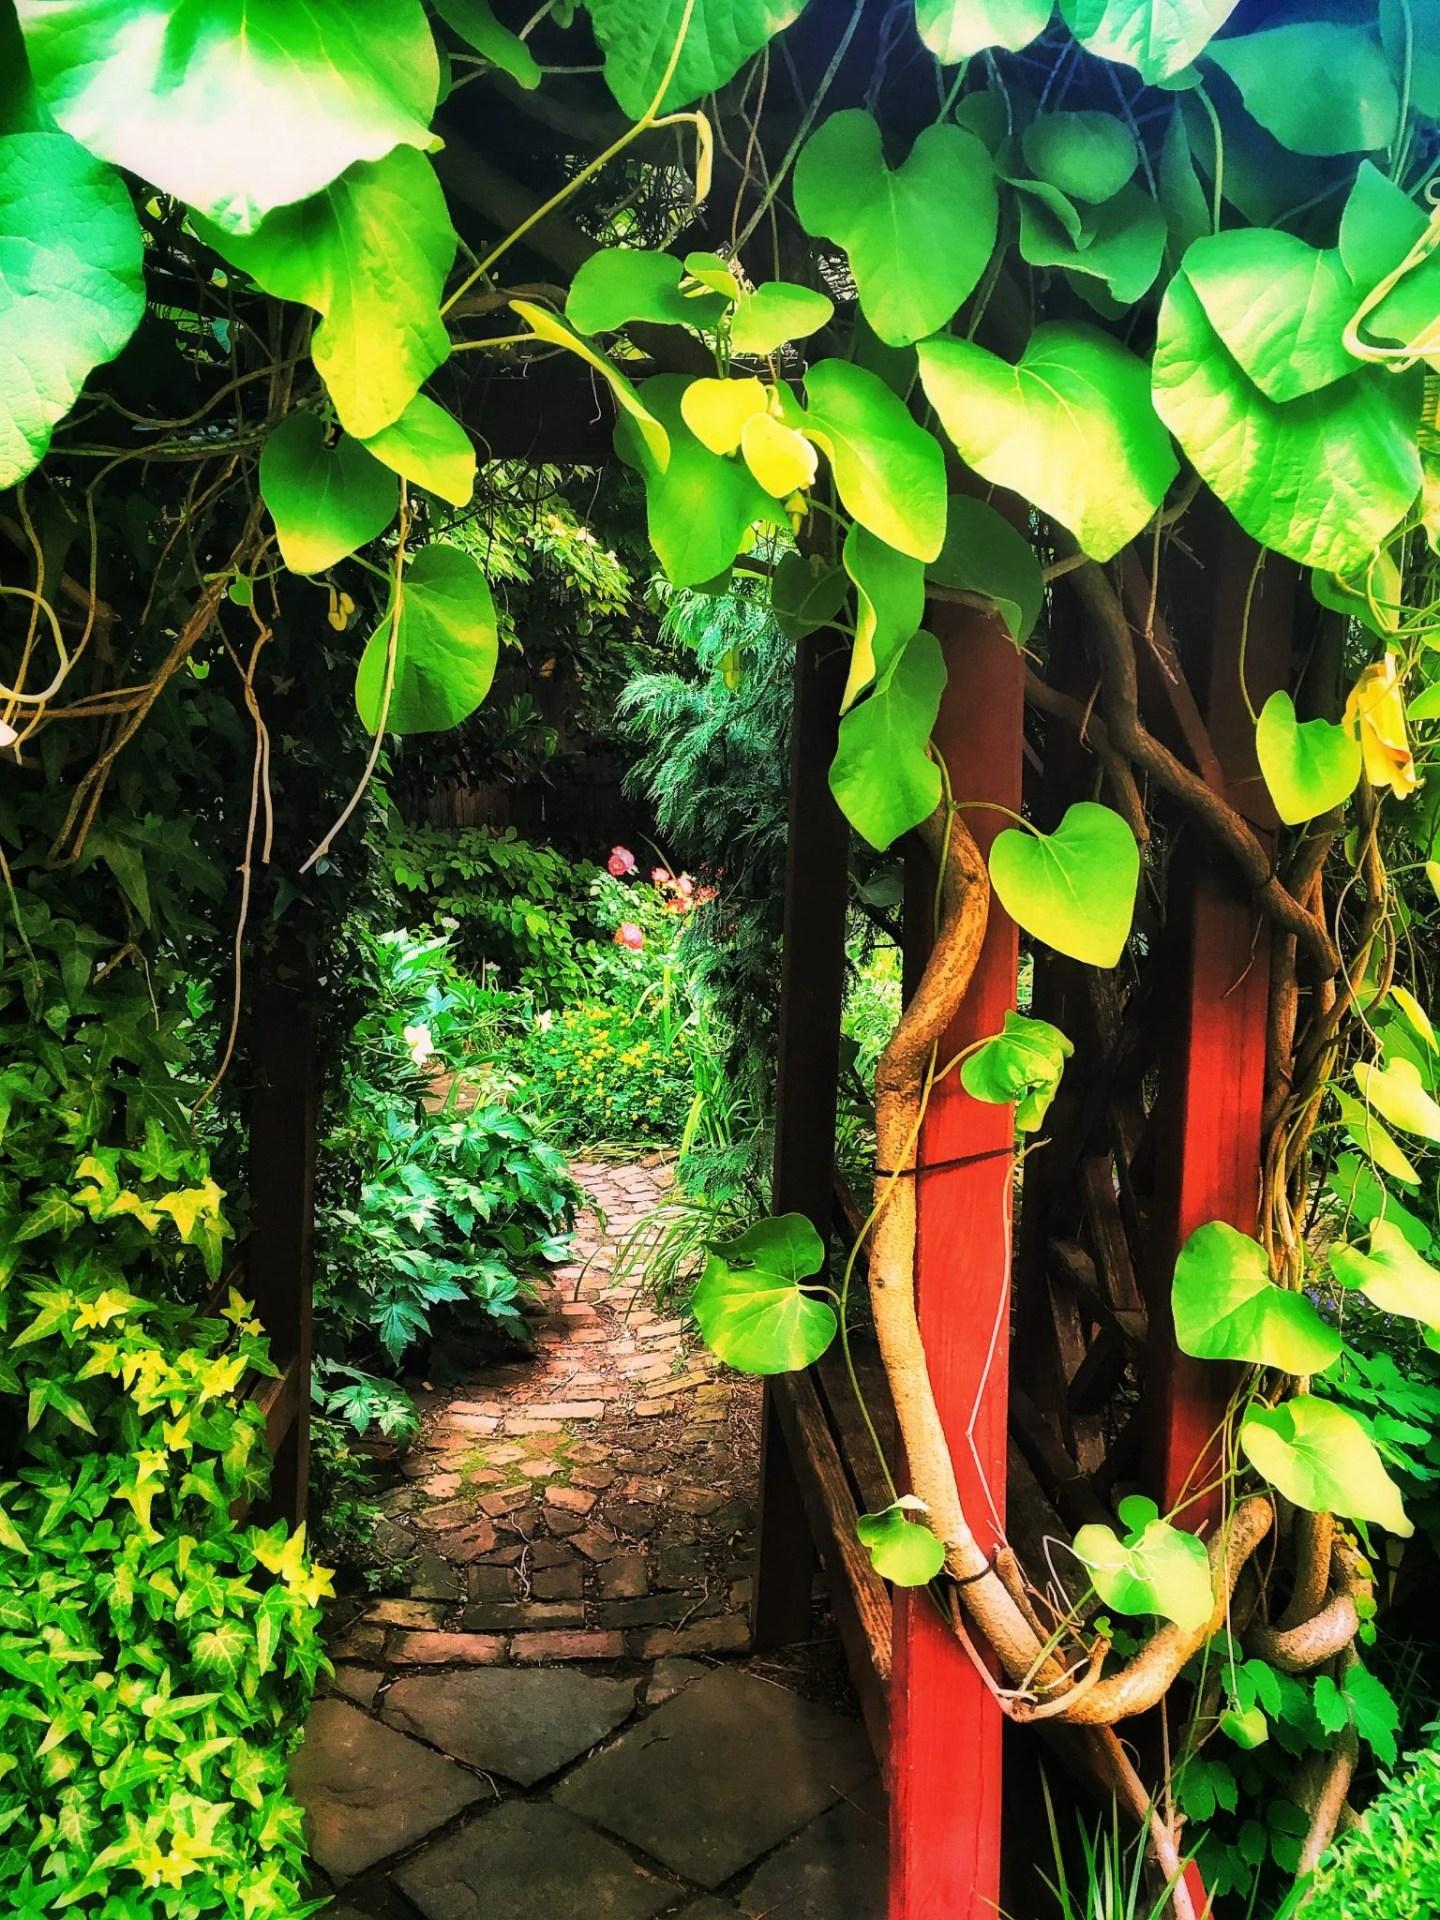 East Village community garden